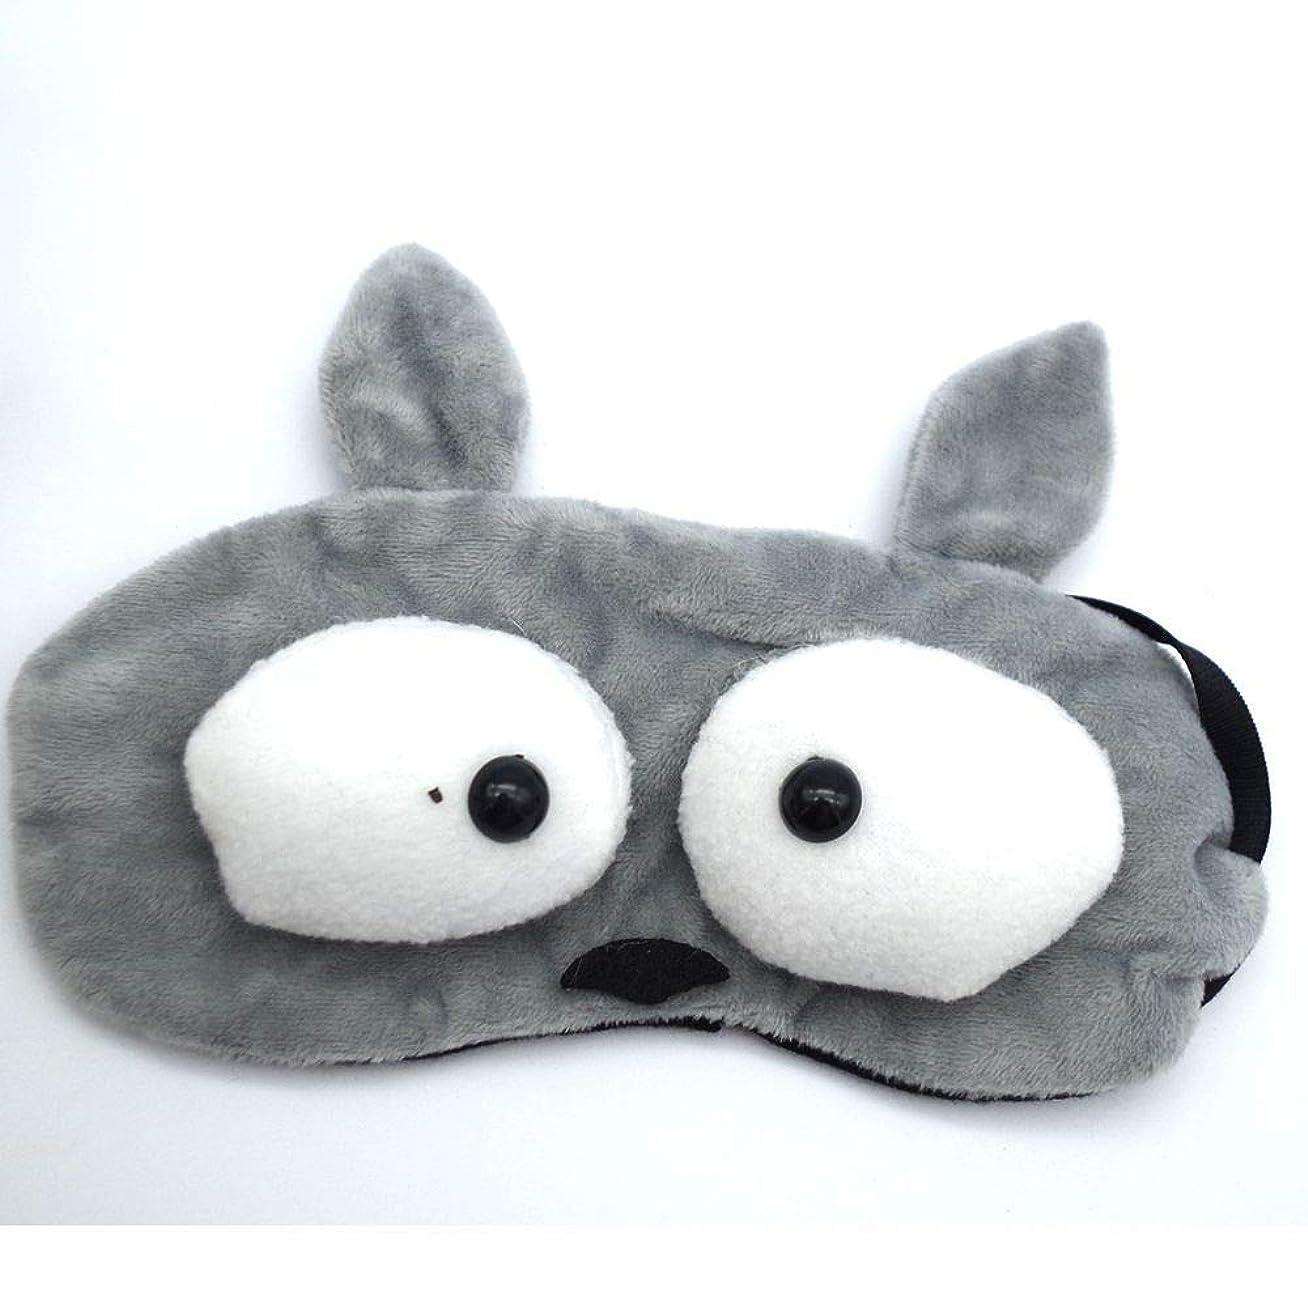 見えない荒涼としたスカイNOTE 1ピースかわいい動物睡眠アイマスクパッド入りシェードカバーフランネル睡眠マスク休息旅行リラックス睡眠補助目隠しカバーアイパット